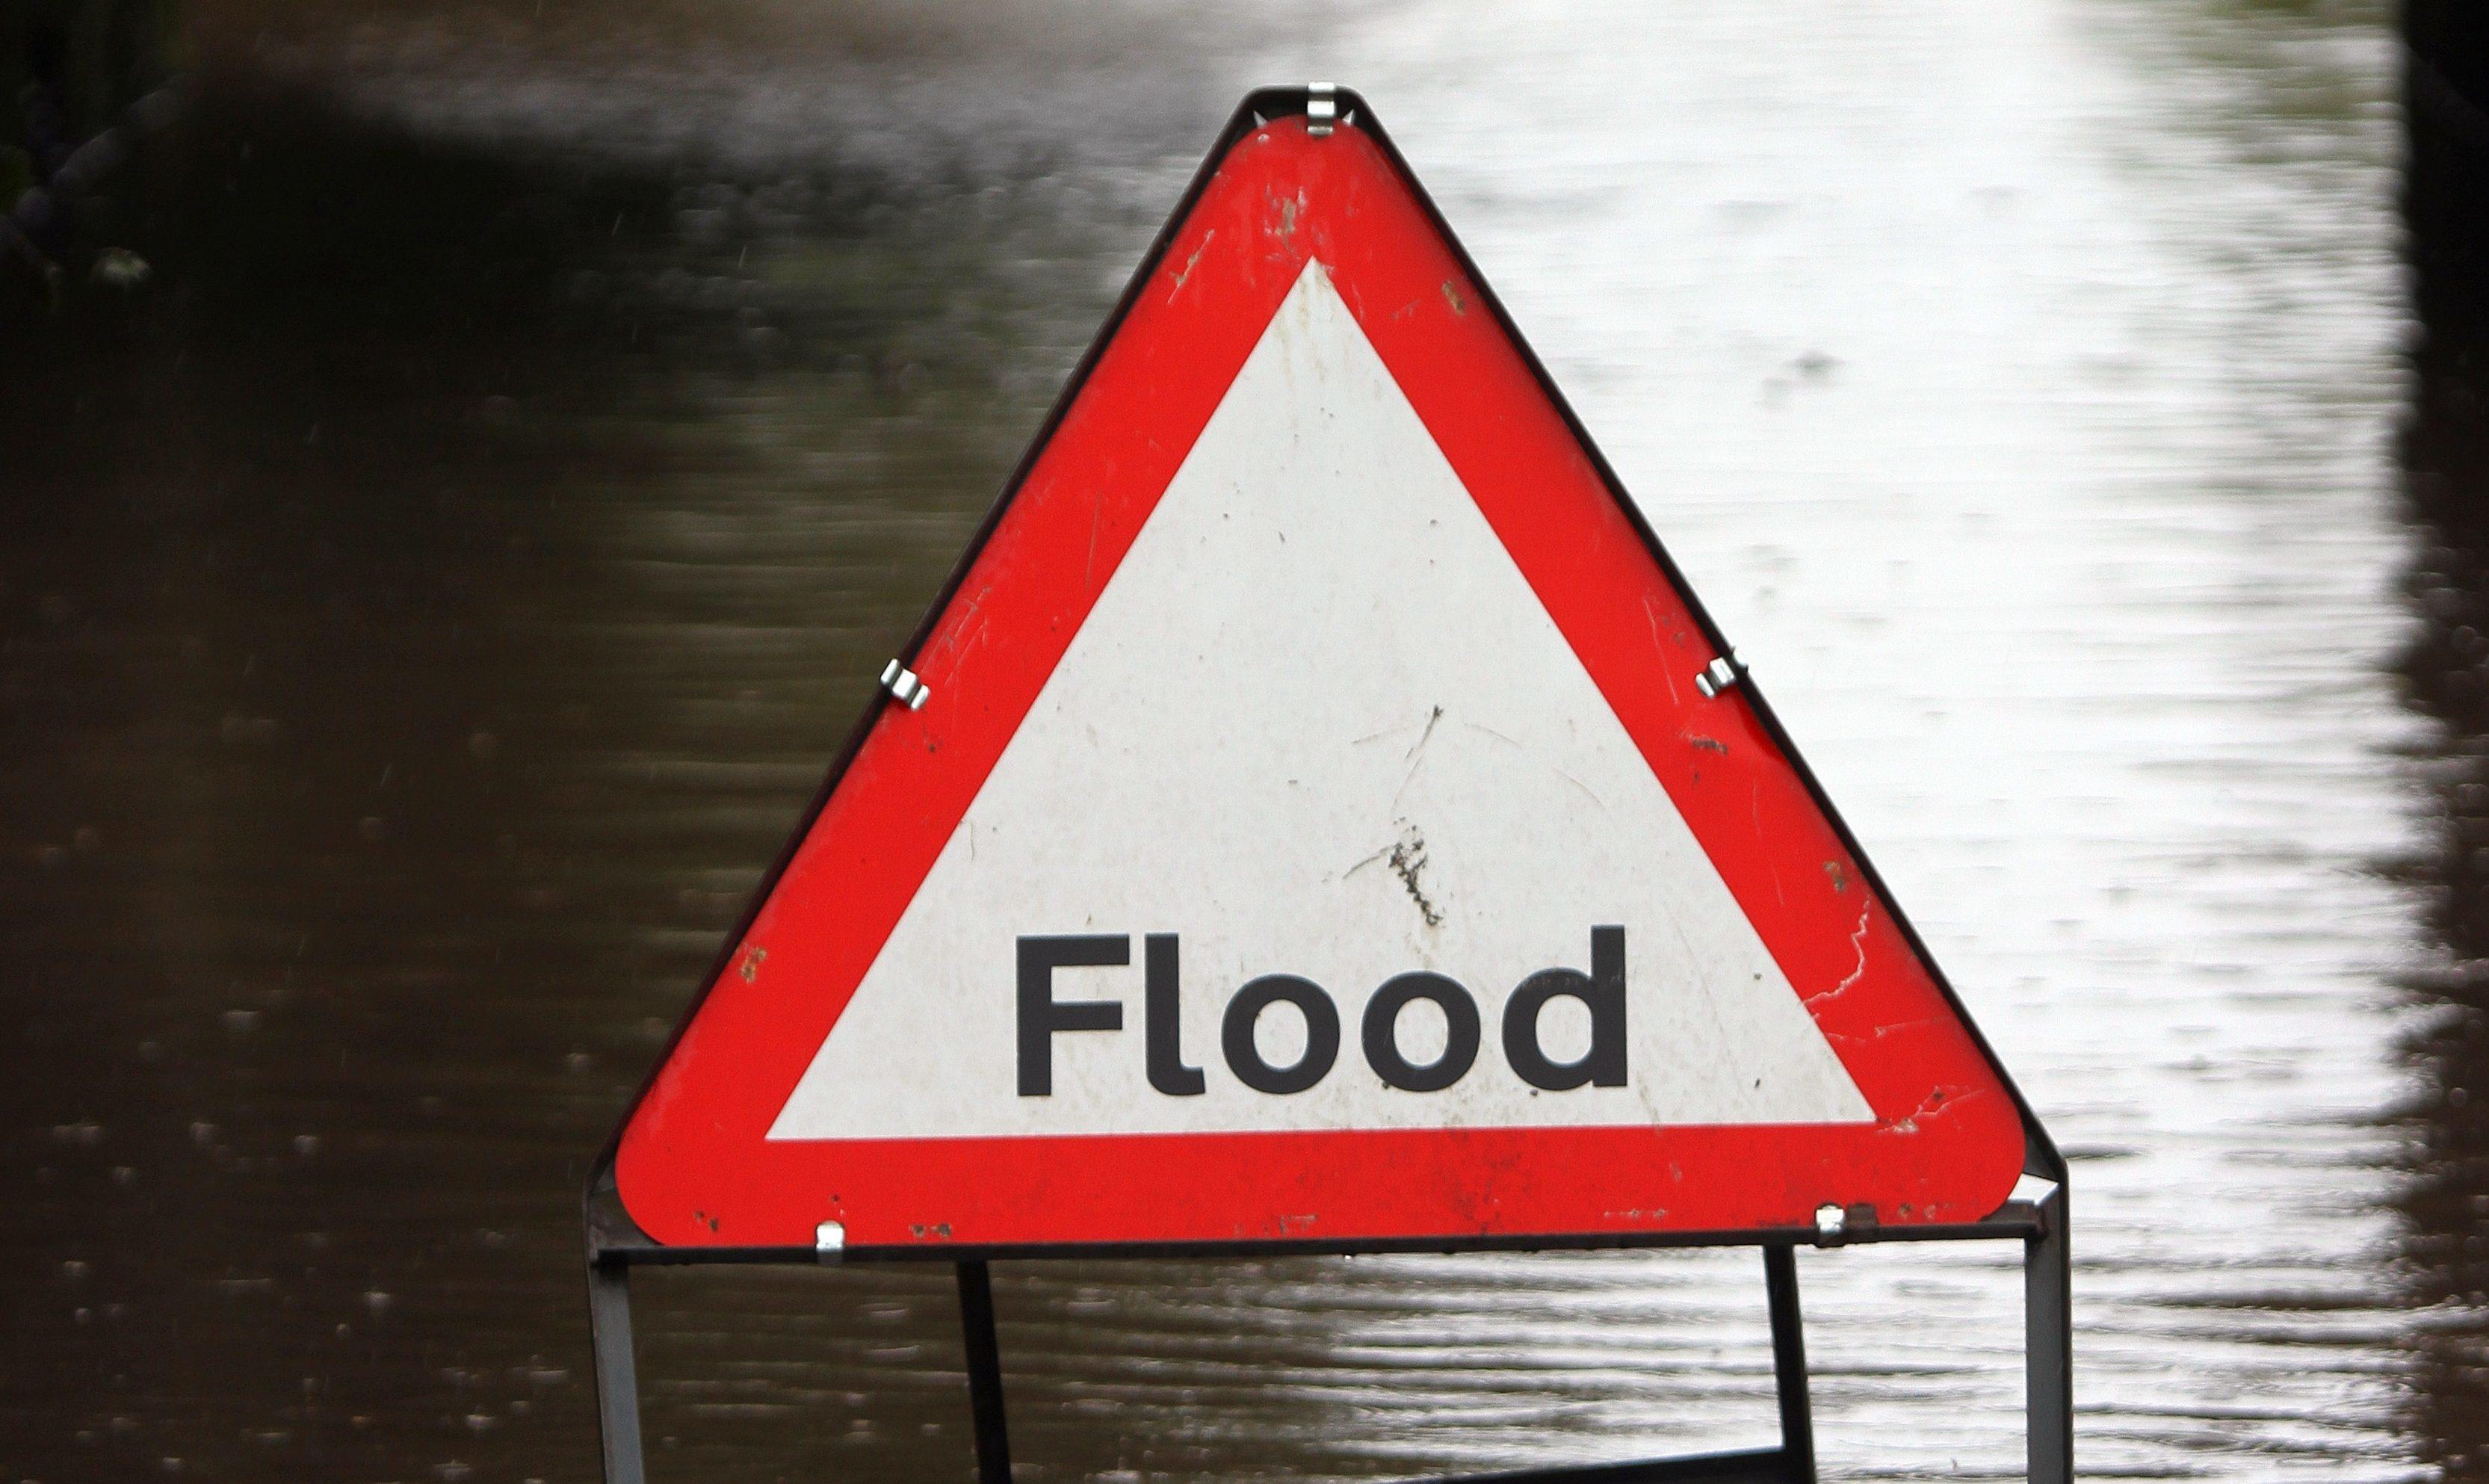 Flood risk assessment